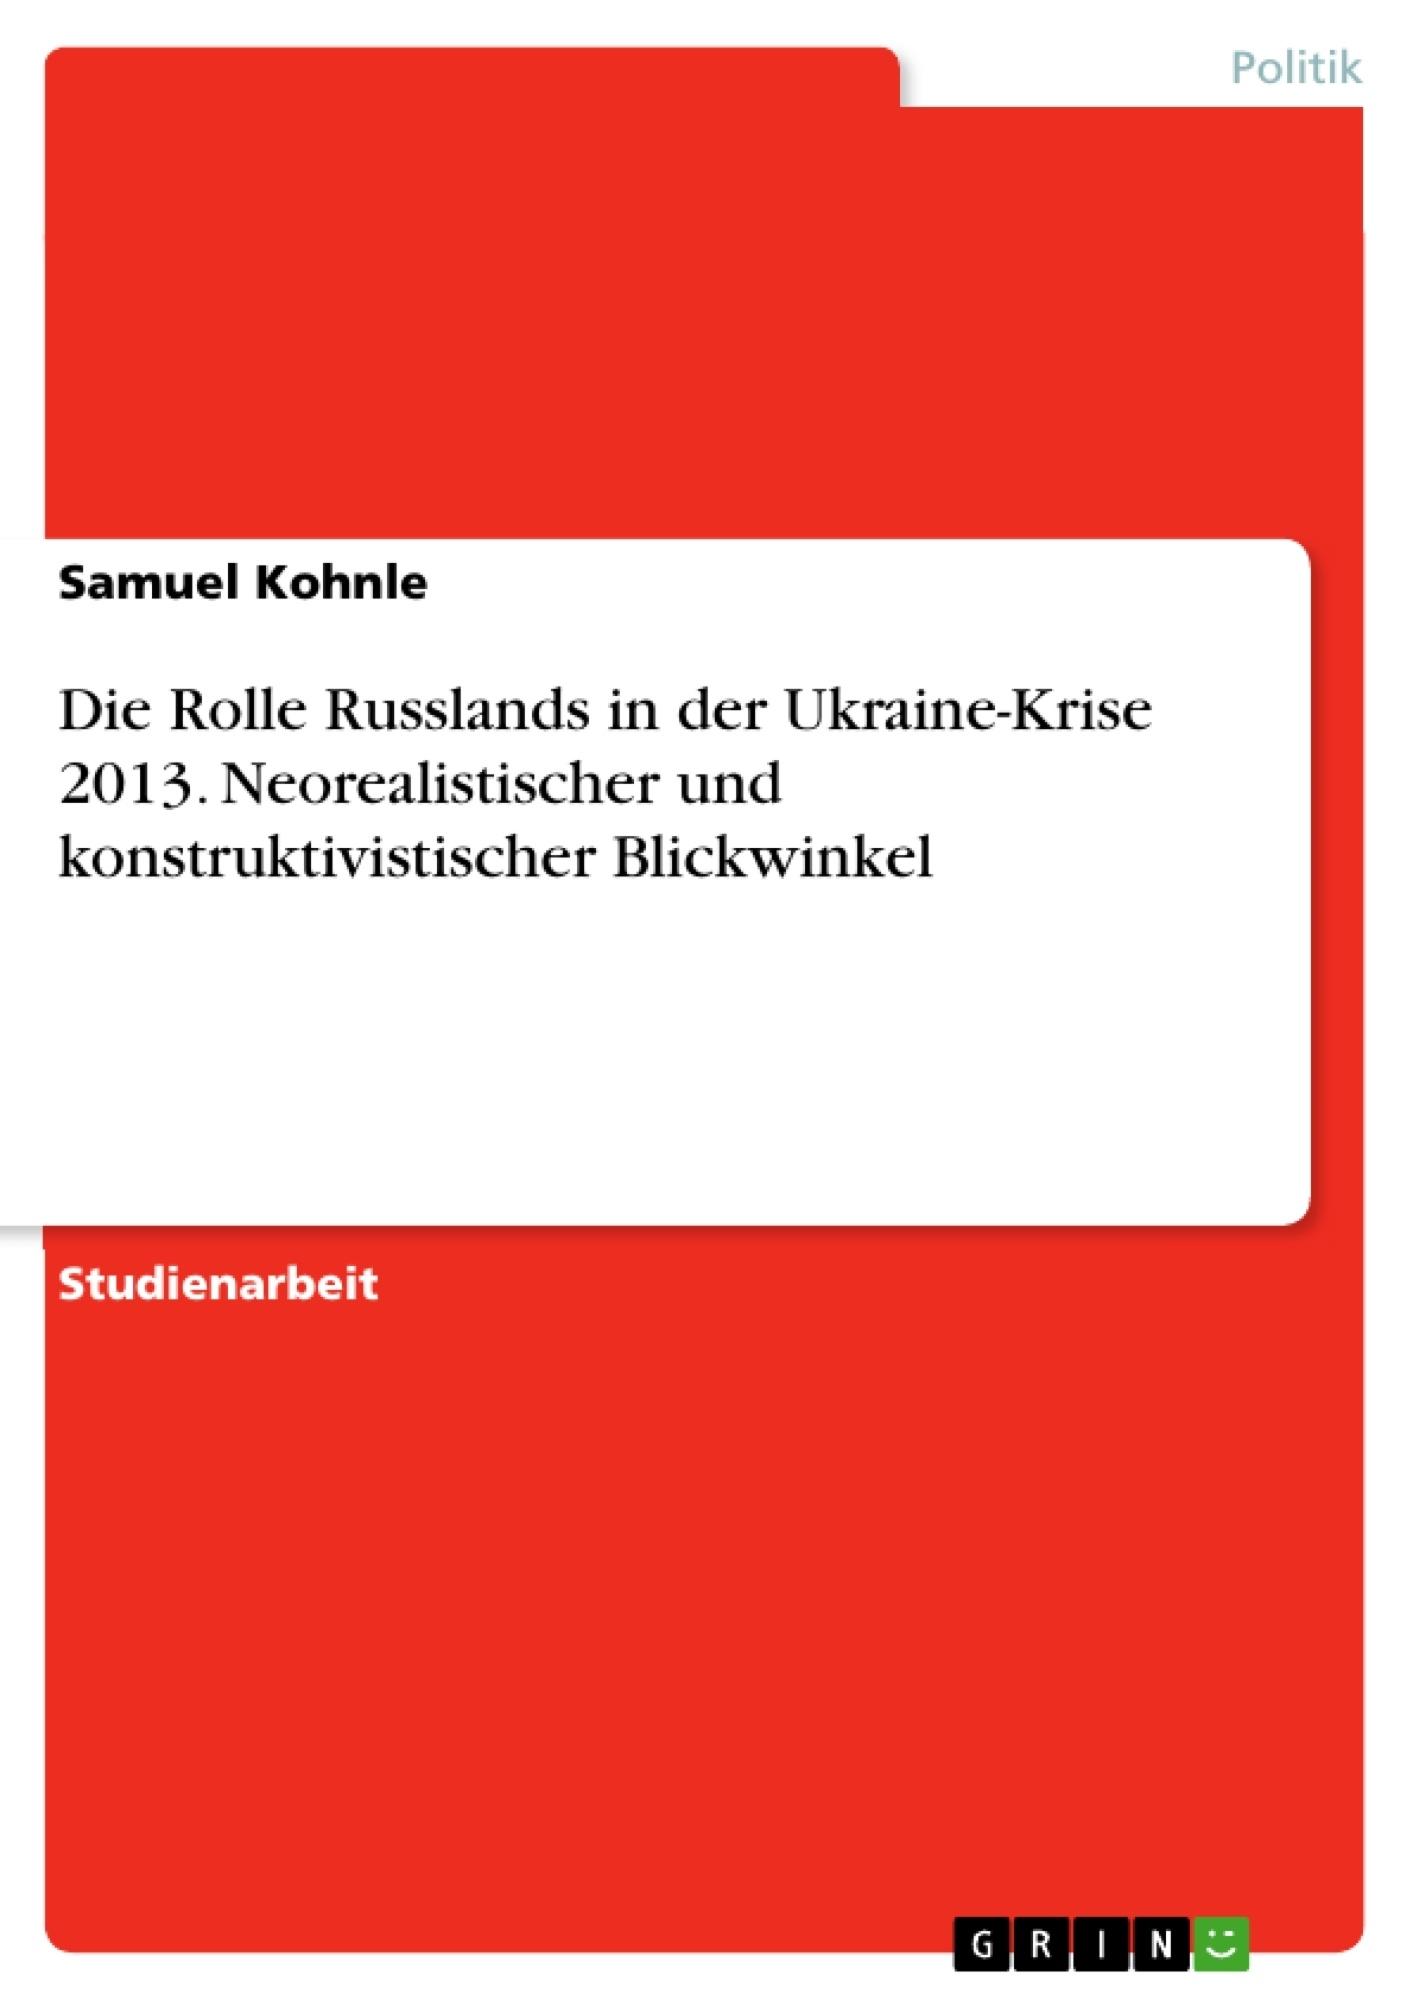 Titel: Die Rolle Russlands in der Ukraine-Krise 2013. Neorealistischer und konstruktivistischer Blickwinkel